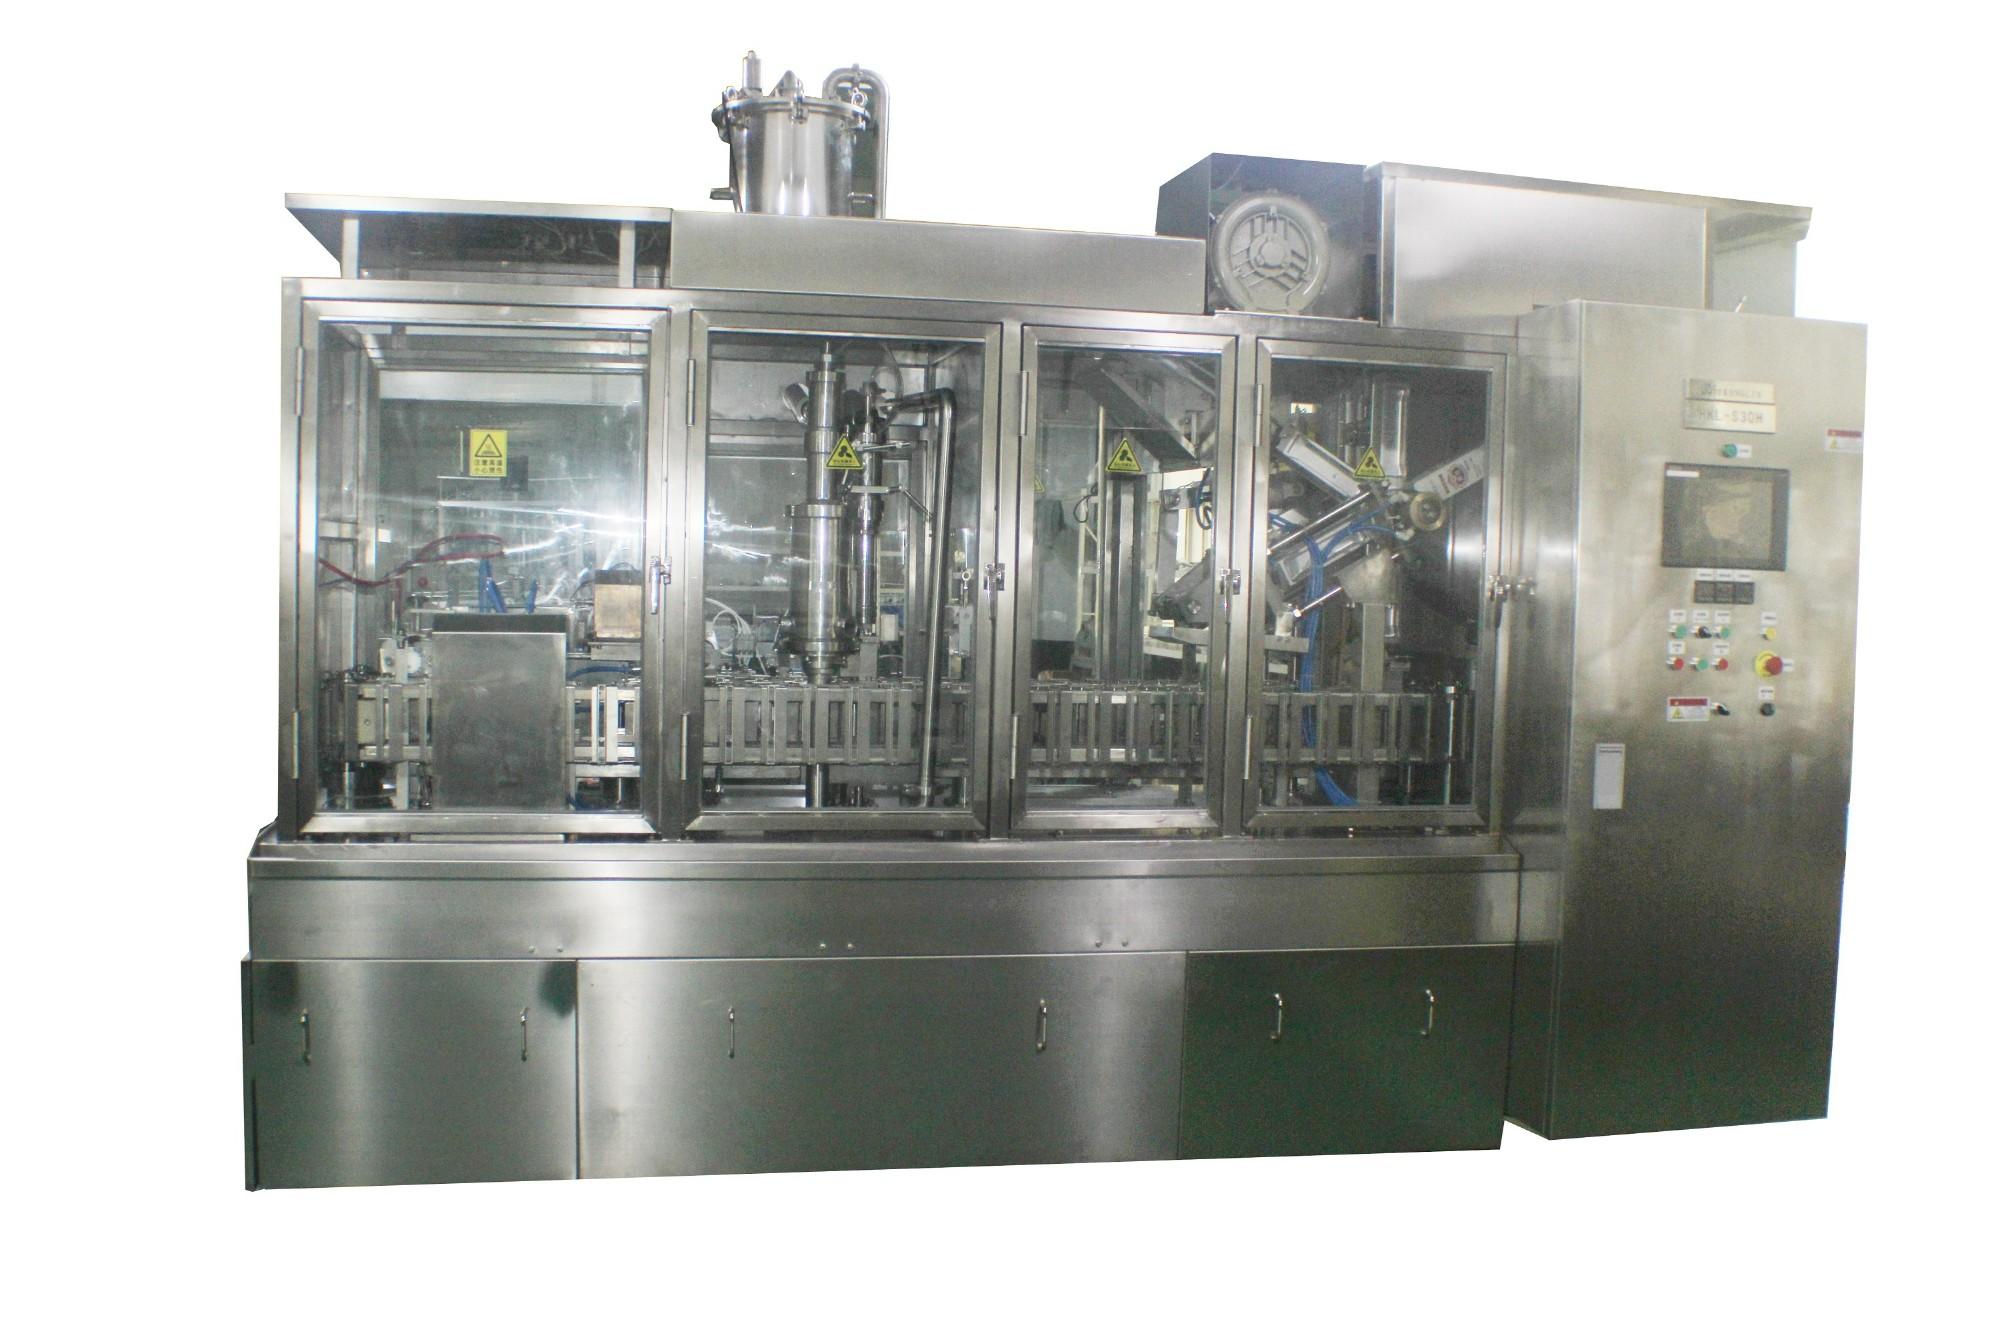 Uht Разливочная машина CIP Автоматическая система очистки